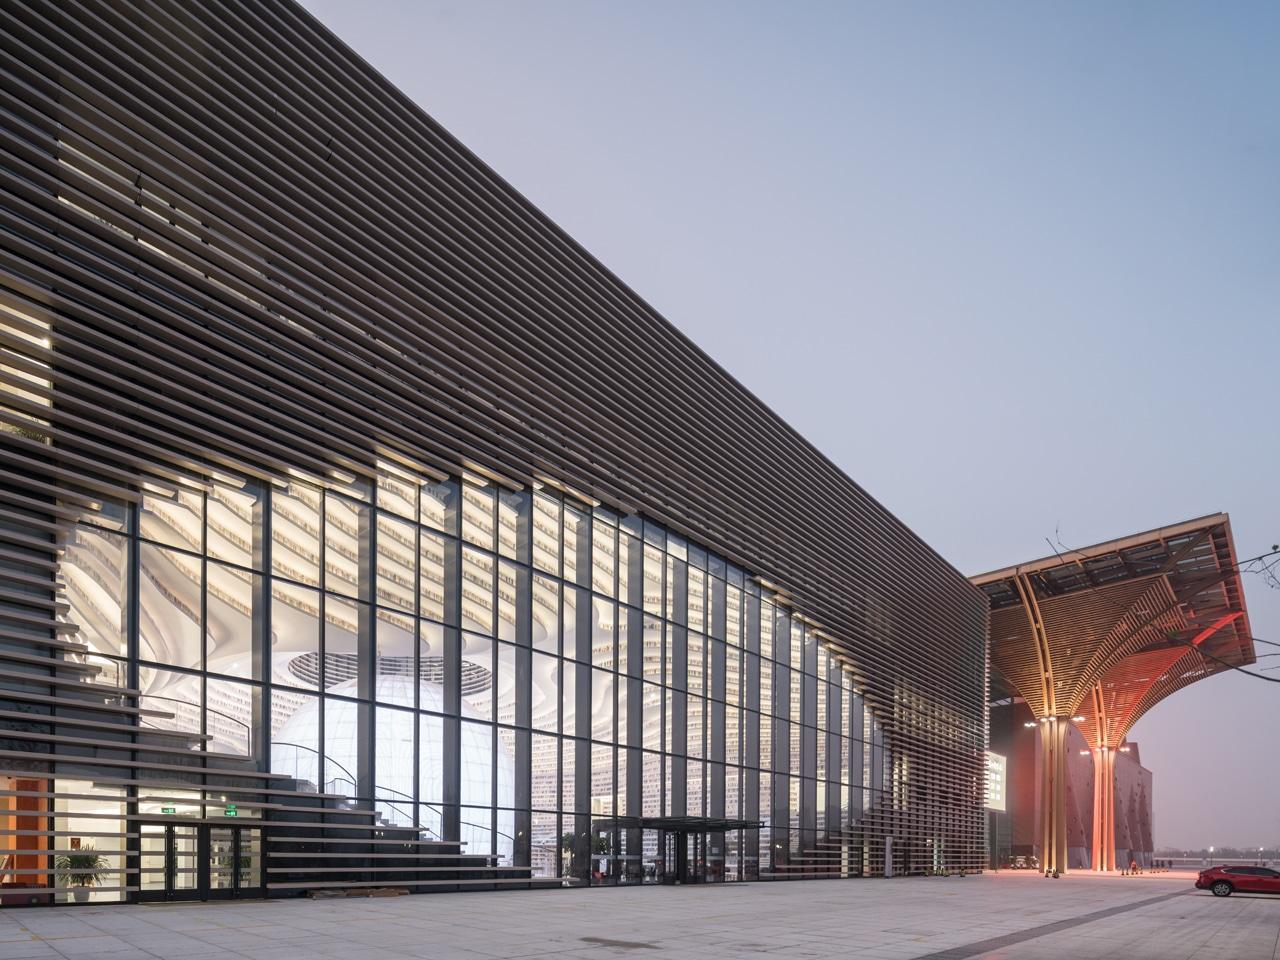 43b_library mvrdv tianjin_Tianjin_Library_∏kiiwan